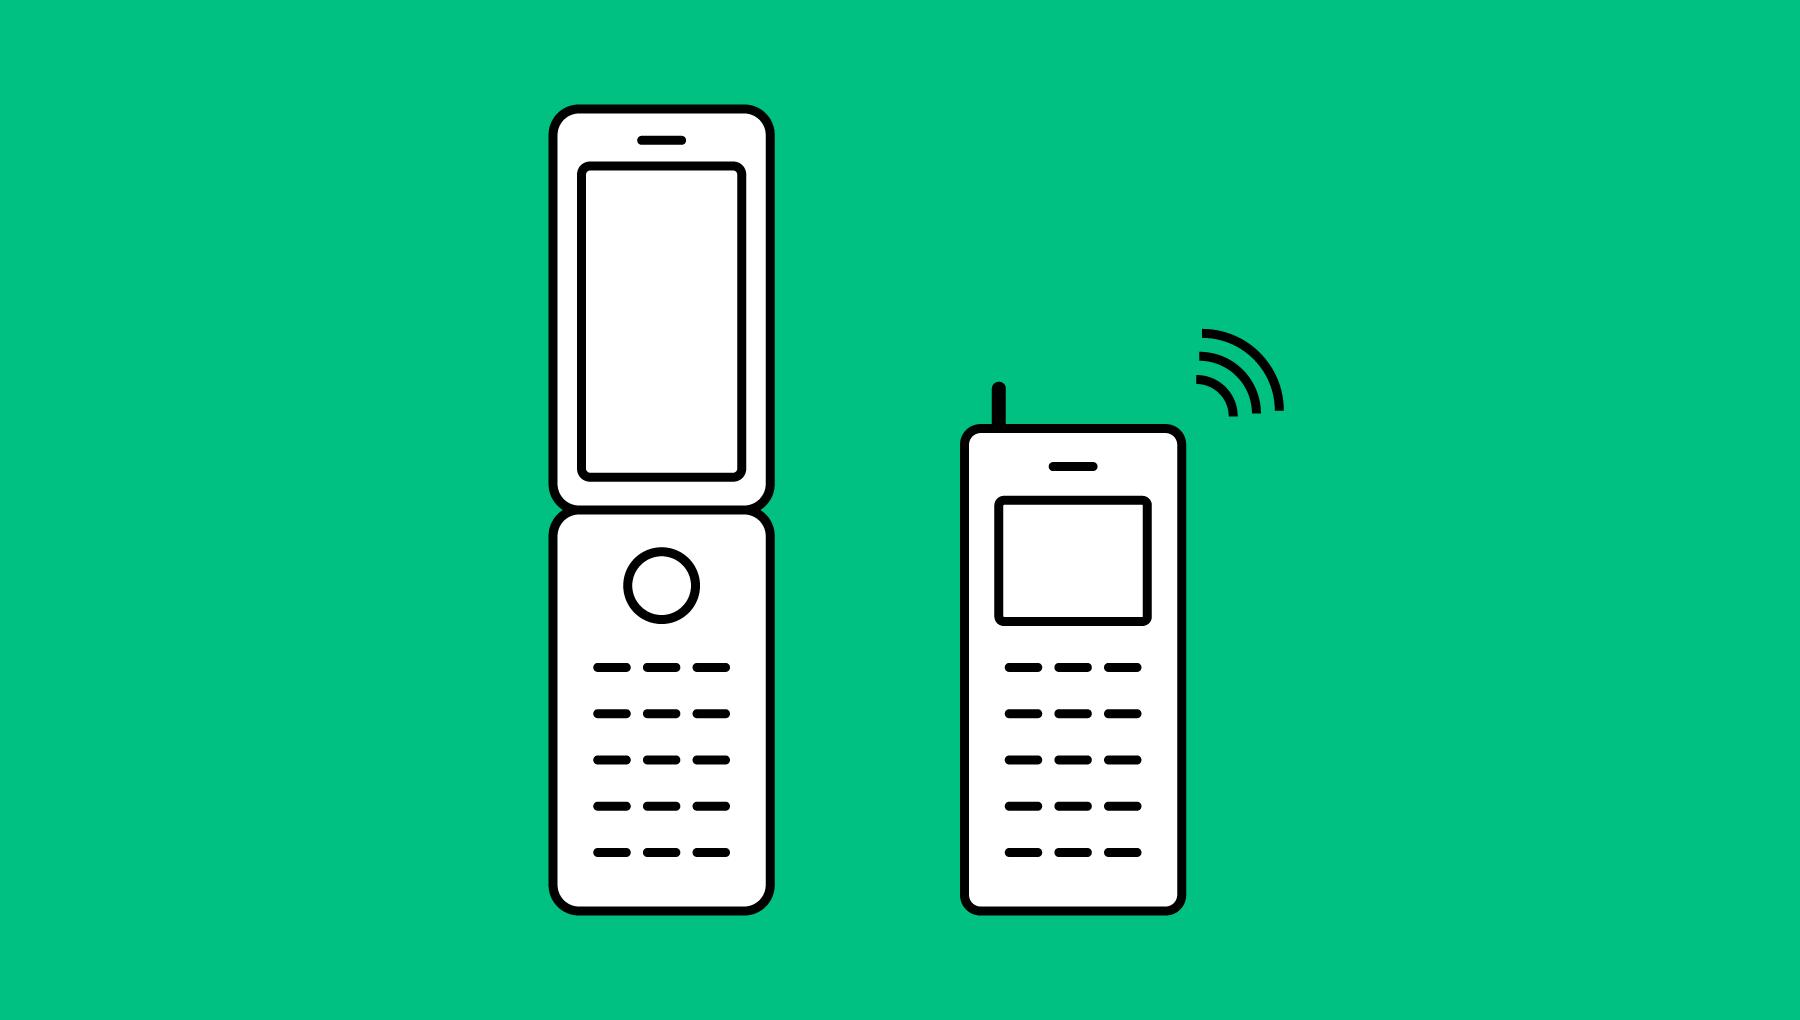 【ガラケーのまま?それともスマホ?】多機能だけどシンプル&安さが魅力!格安スマホ・格安SIMの特徴とは?